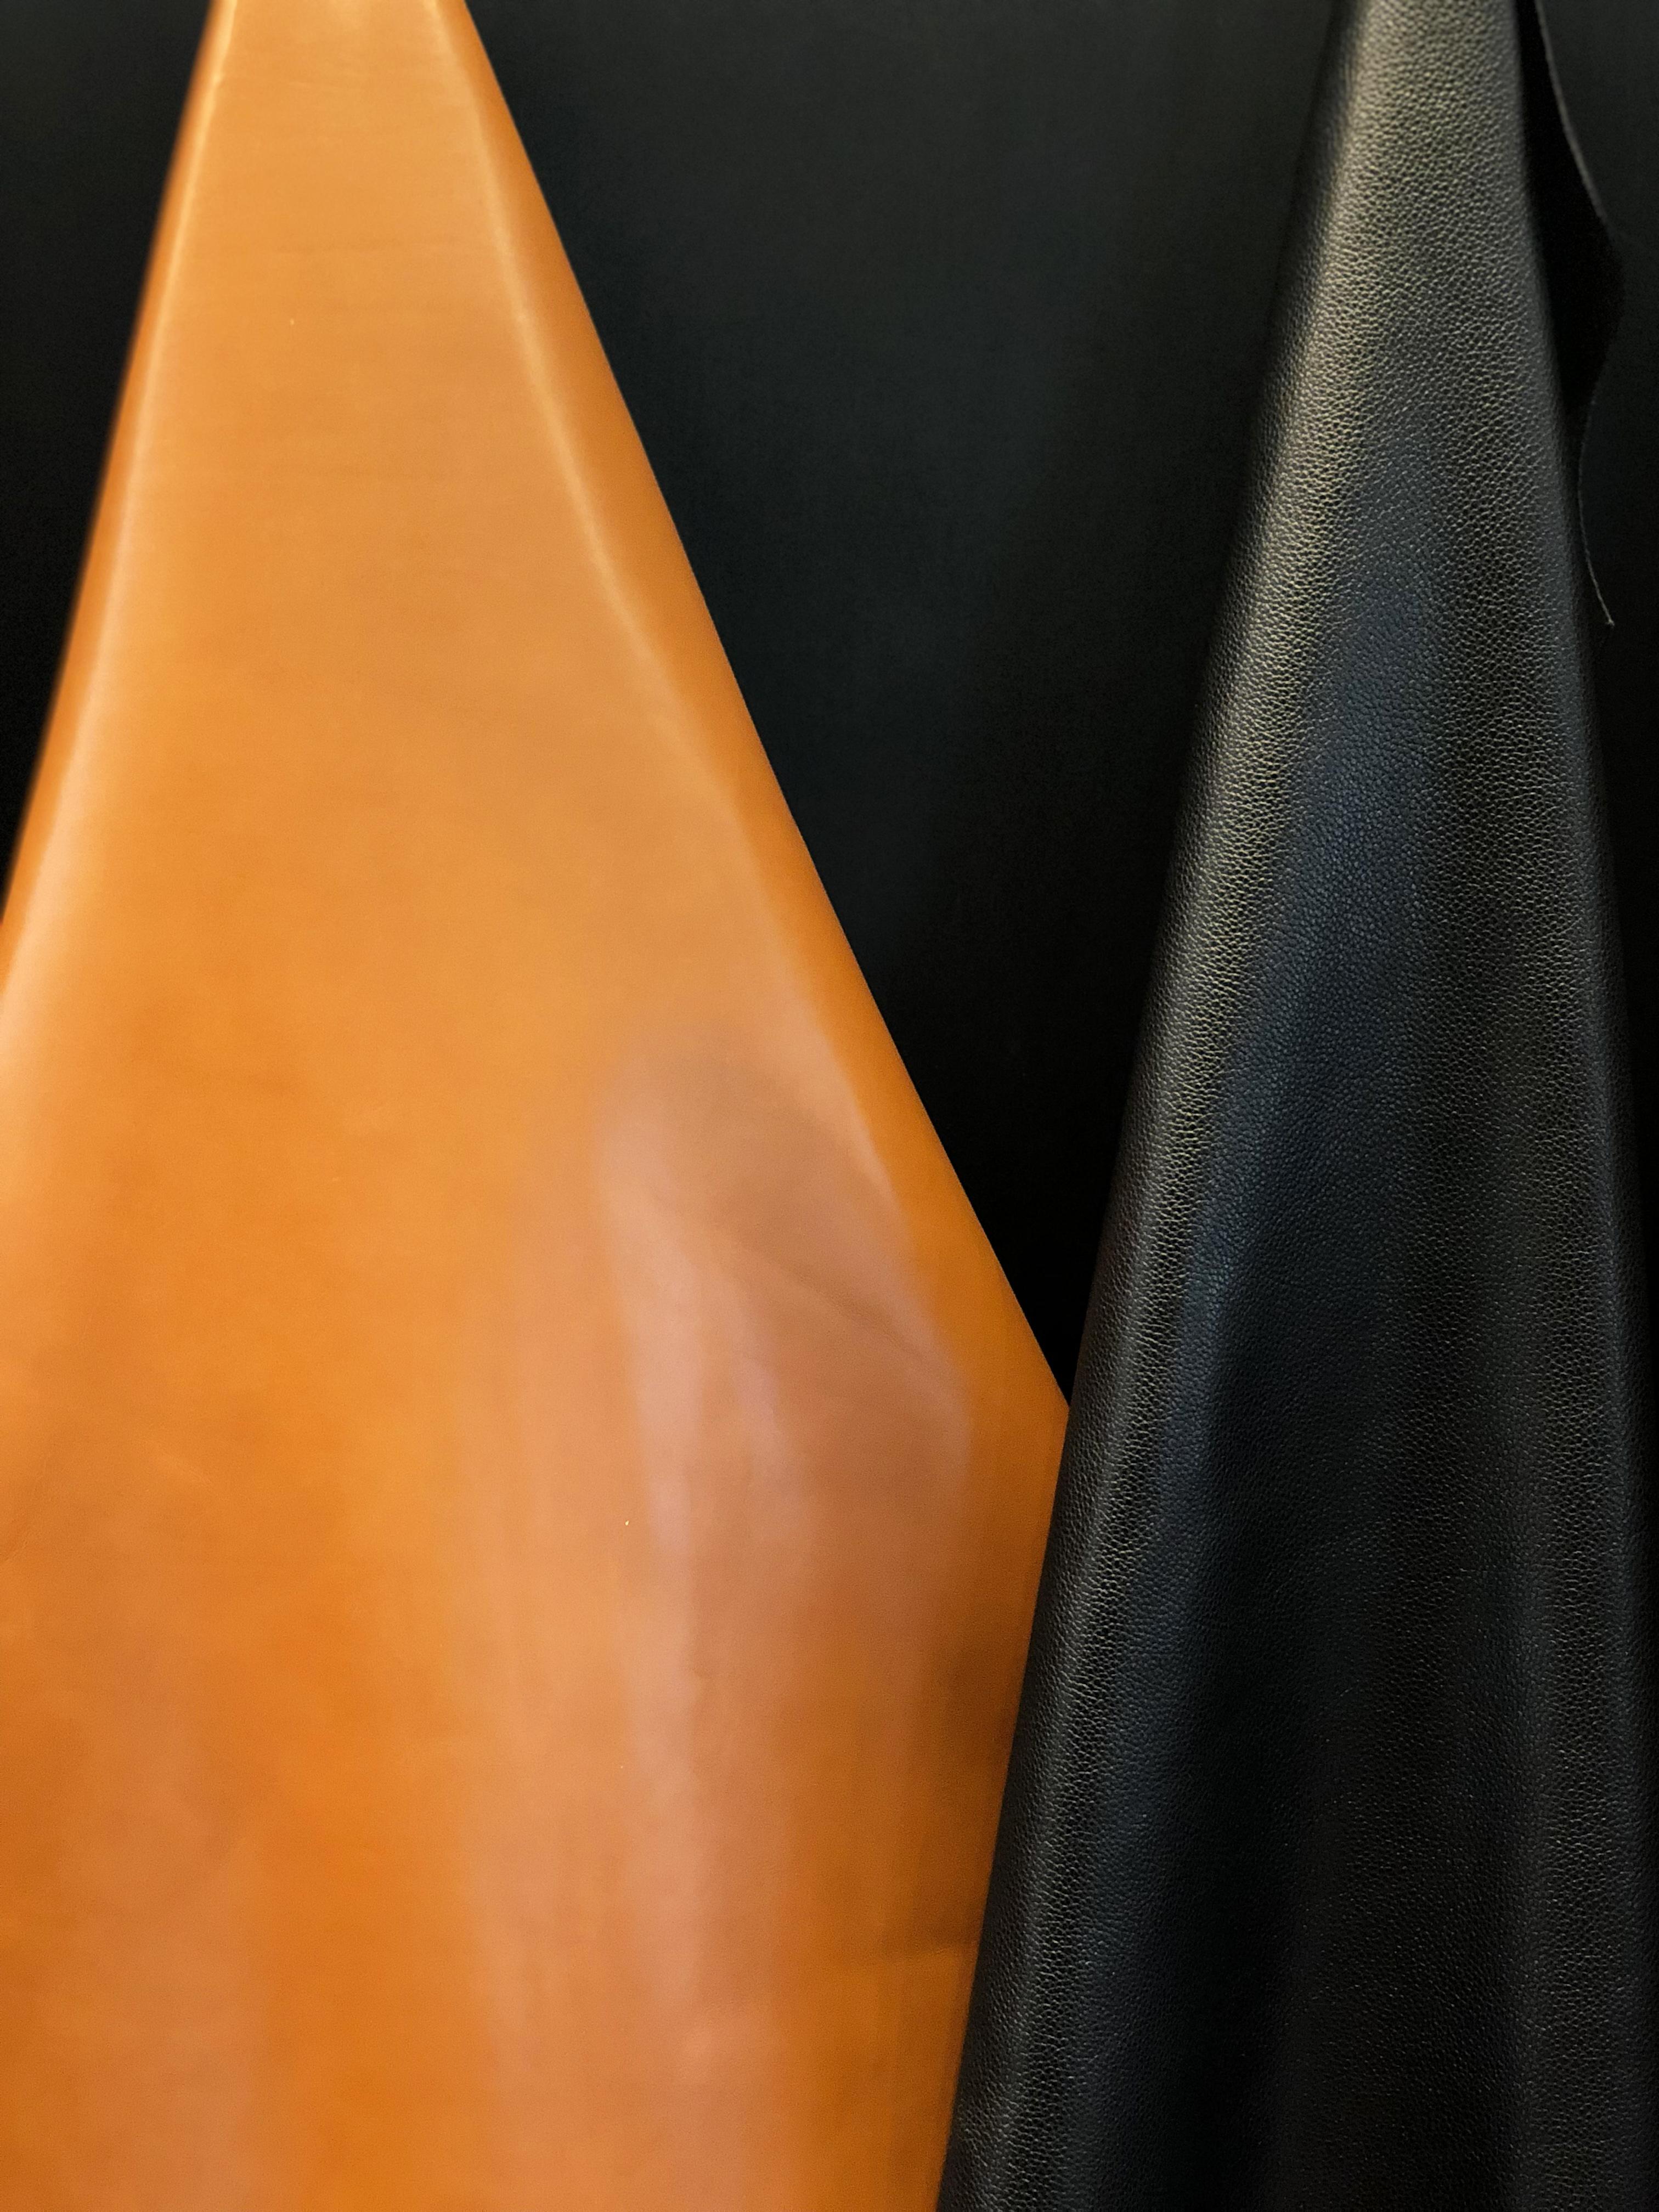 conceria-superior-pelli-classiche-vitello-per-borse-e-accessori